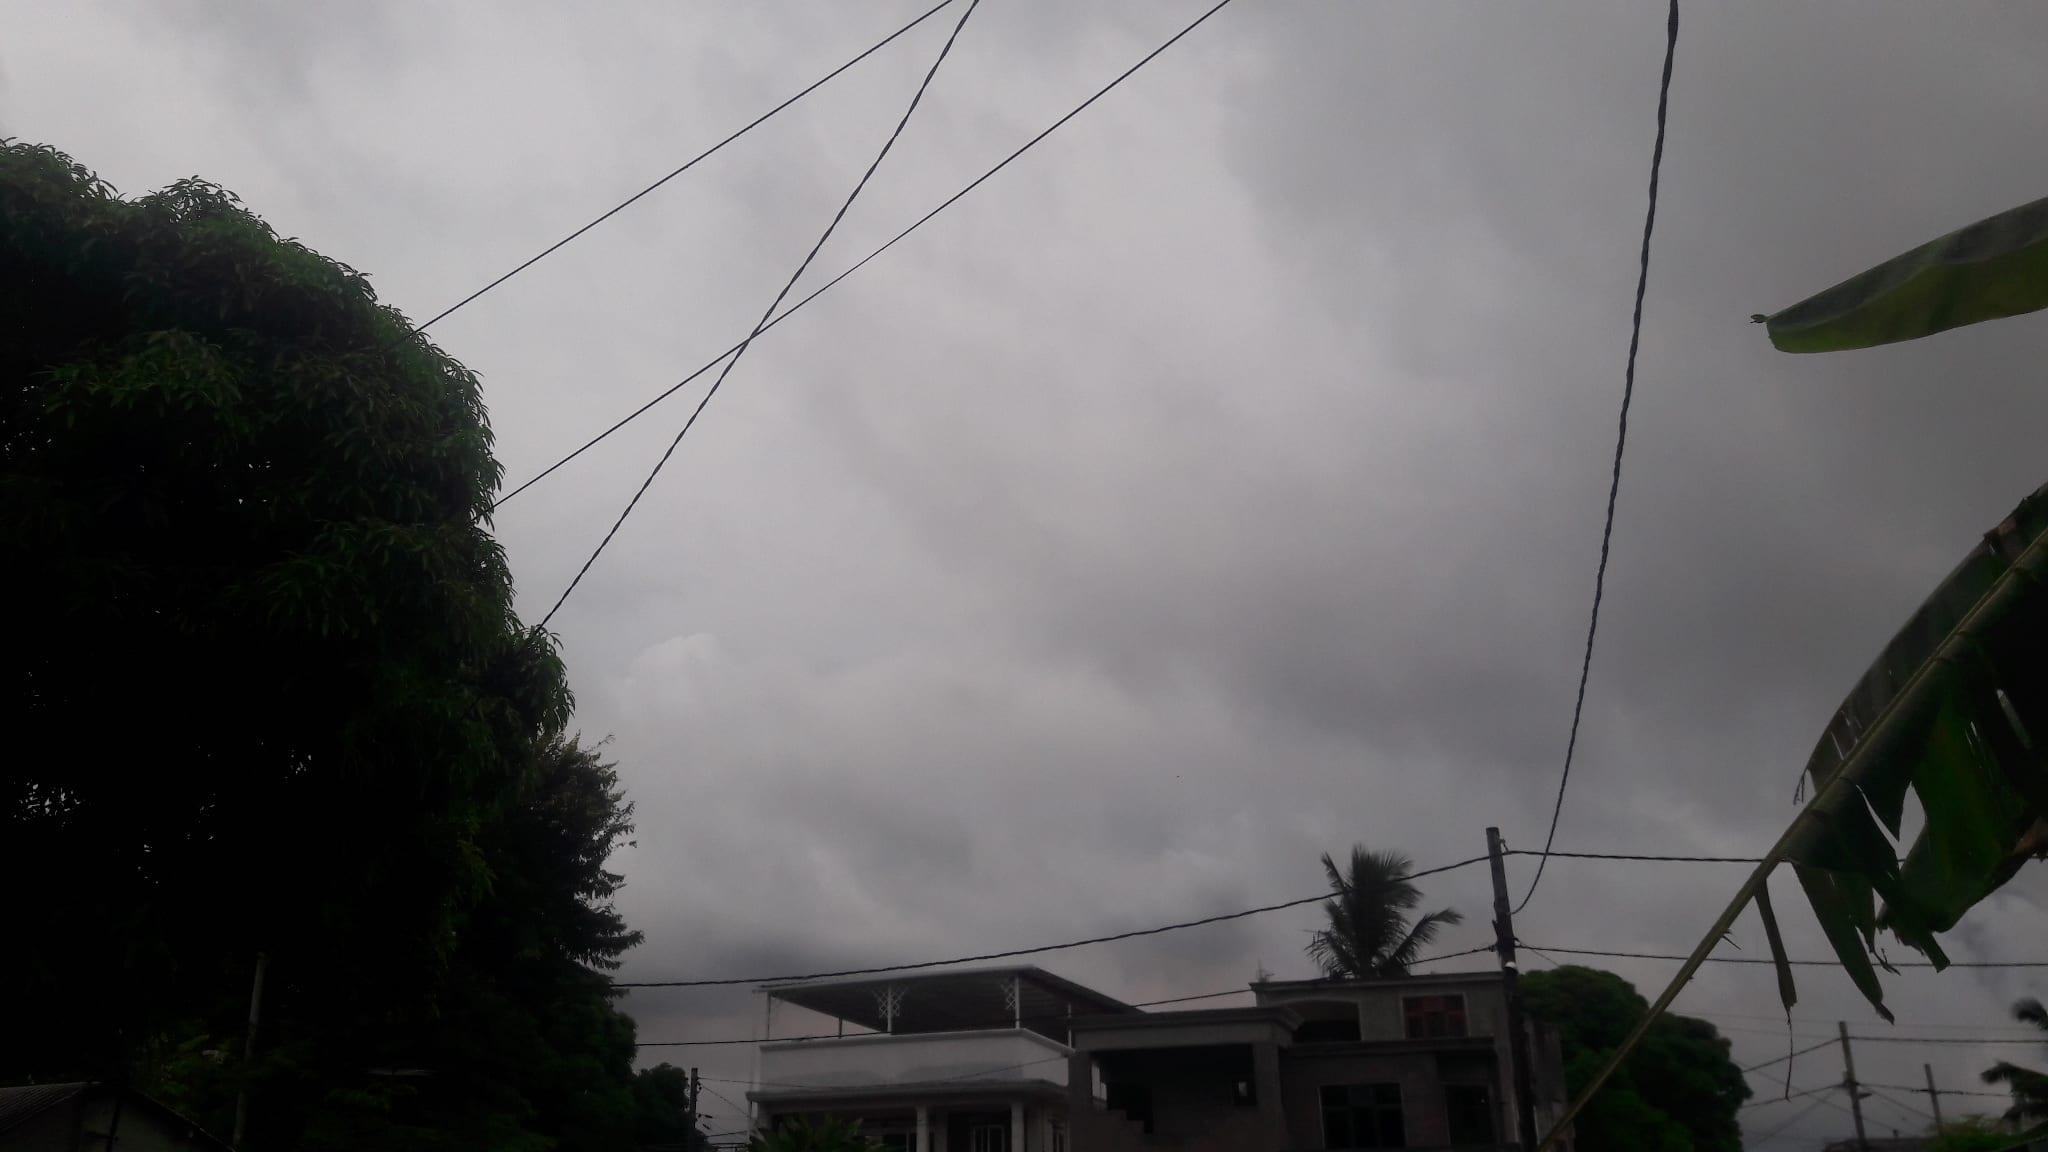 Météo : Averses modérées intermittentes avec des débordements nuageux